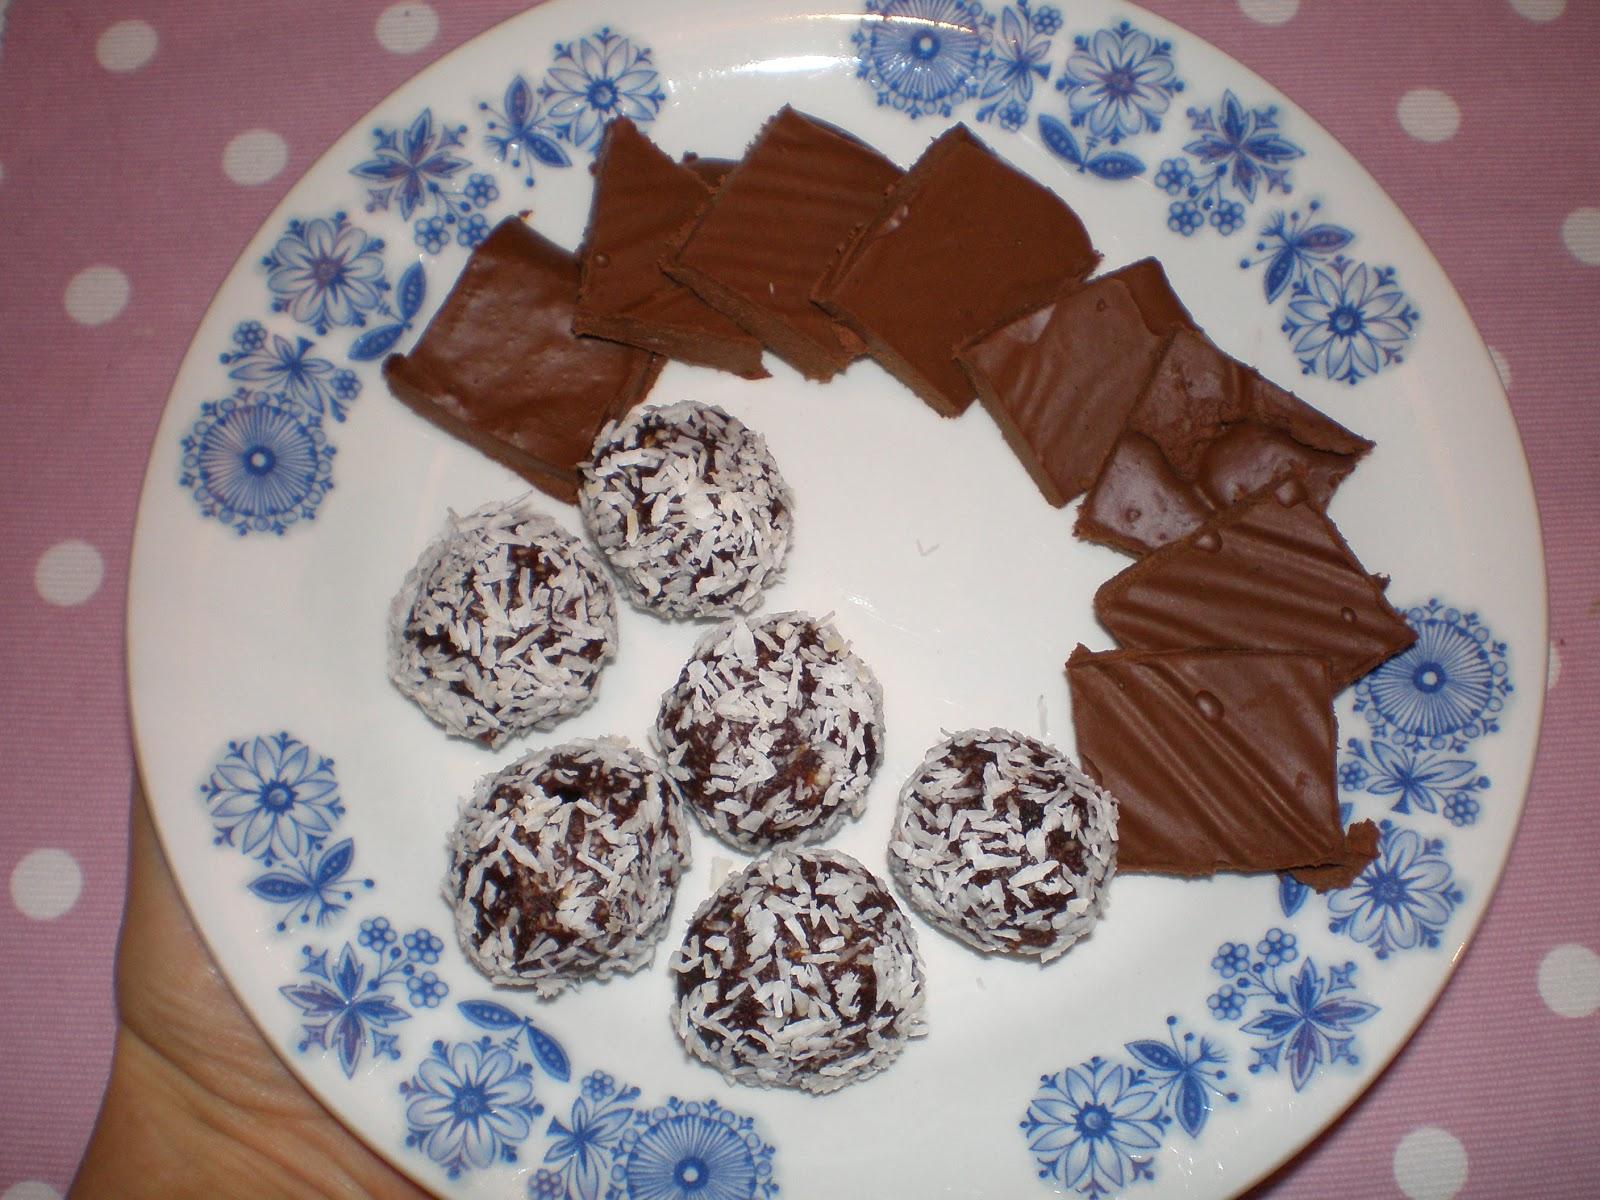 recept på chokladbollar utan socker